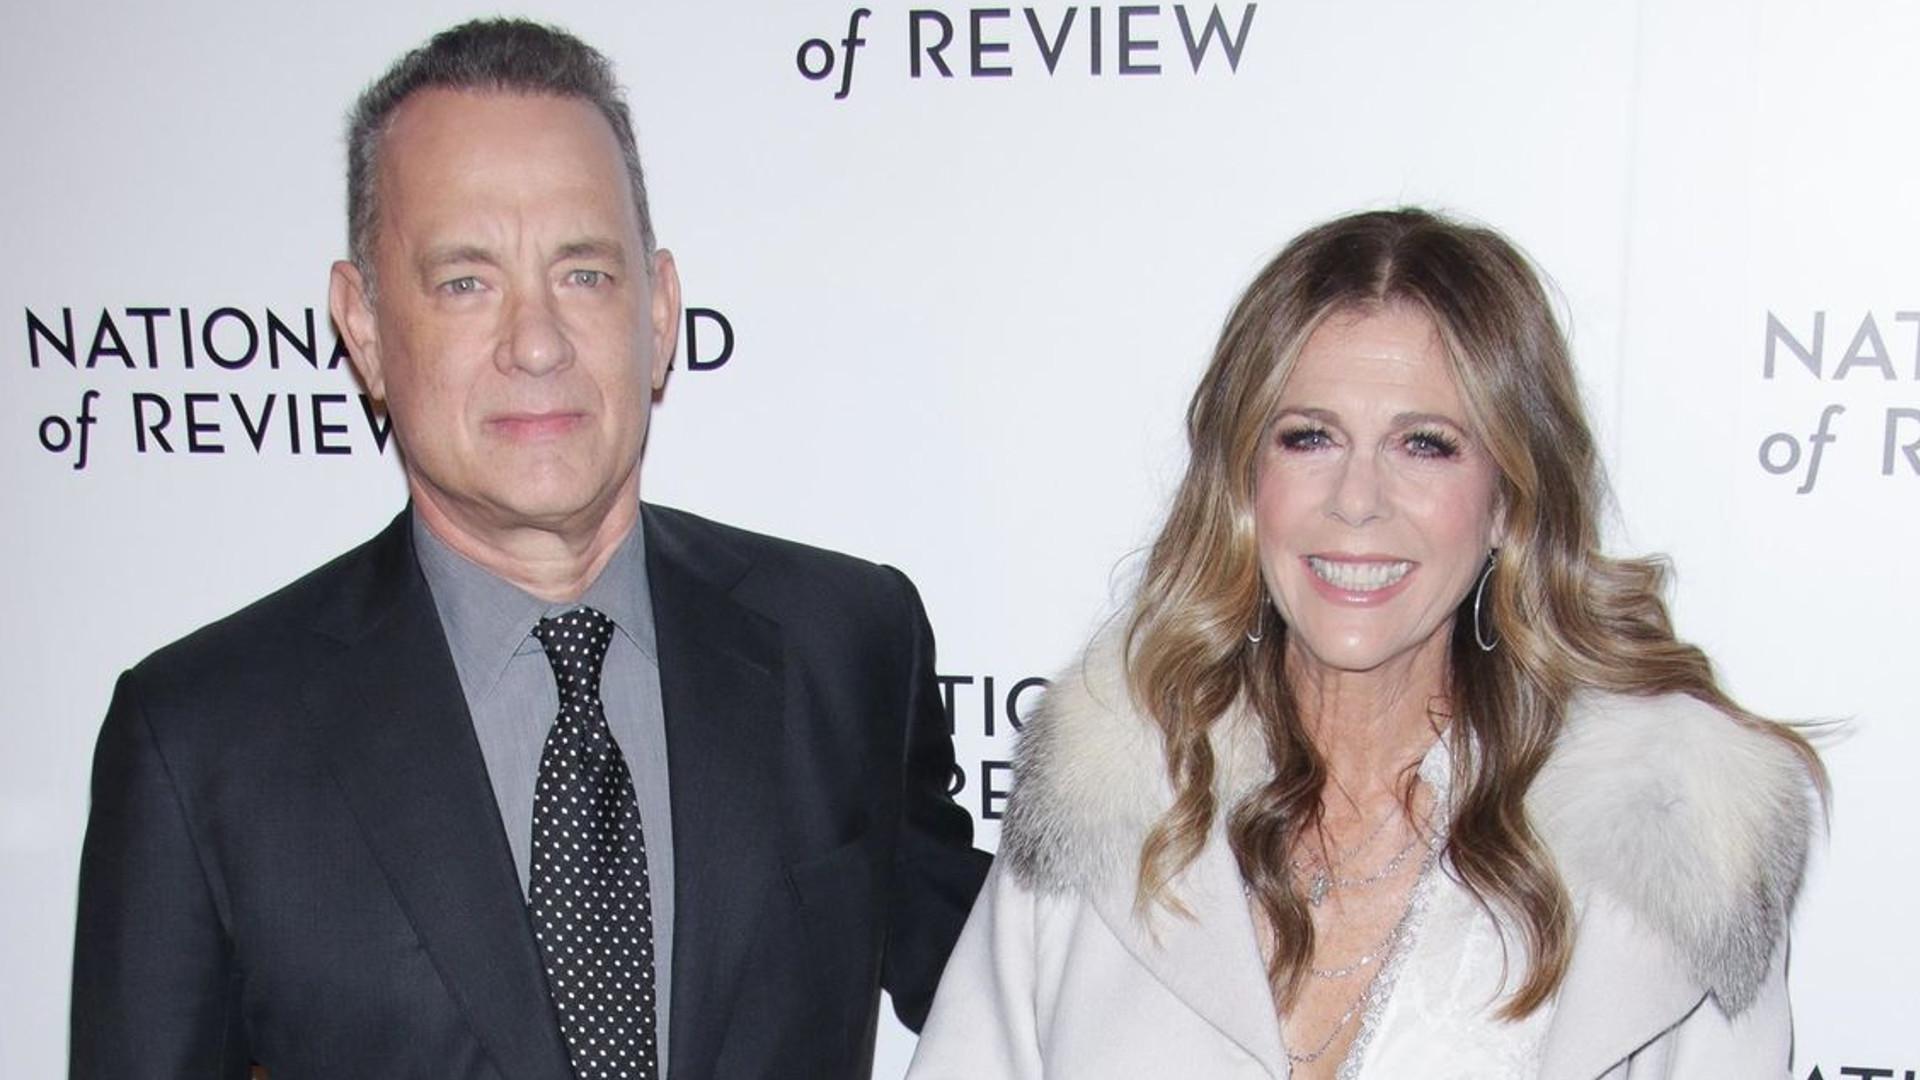 Nowe doniesienia na temat Toma Hanksa i jego żony zakażonych koronawirusem. Syn mówi, że to jeszcze nie koniec